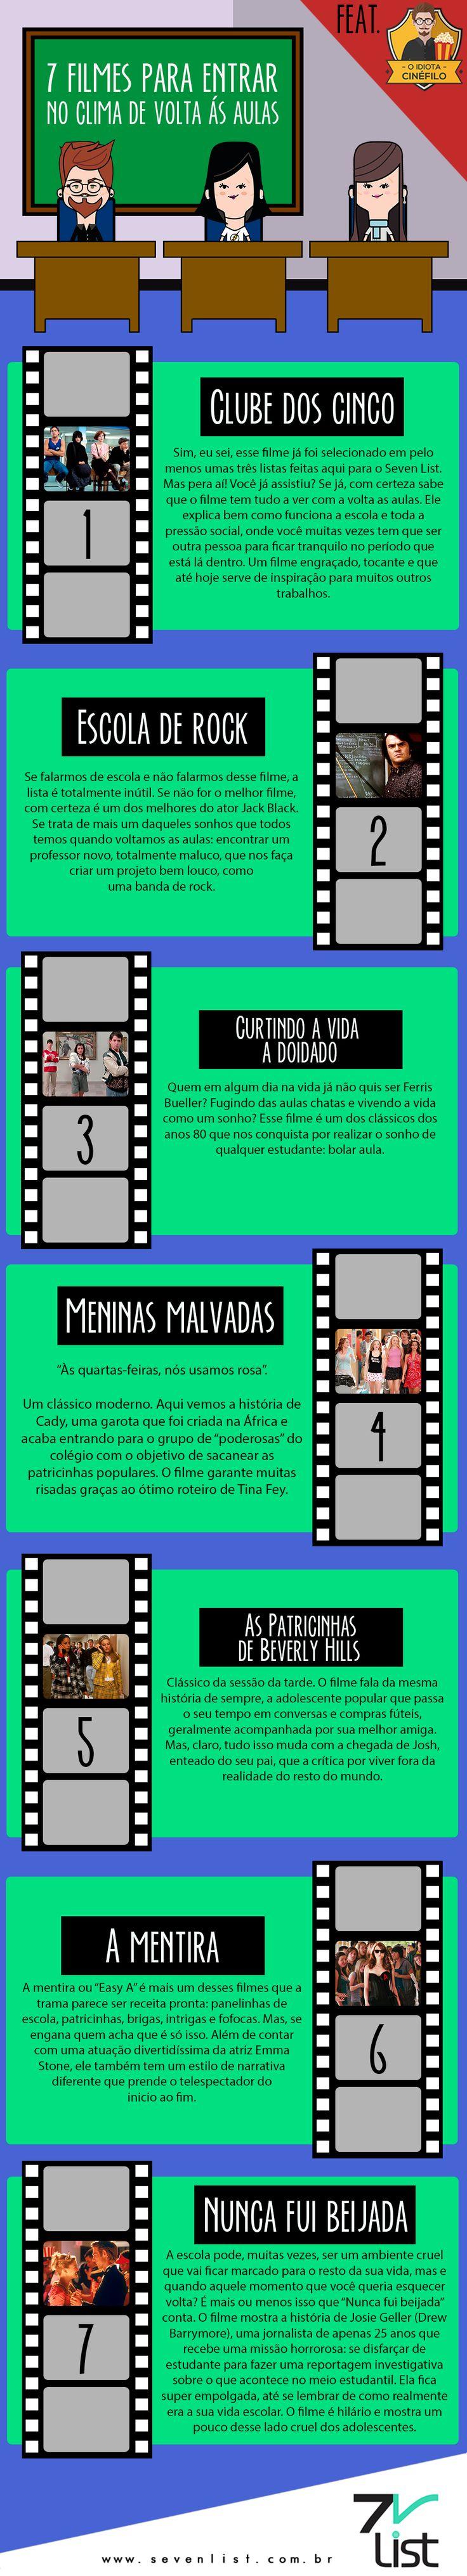 Se você for estudante, esteja na faculdade ou escola, sabe o que essa época significa: sim, as férias acabaram. Mas não fique desanimado! Nós temos uma ótima solução para esquecer um pouco que as aulas estão voltando, assistir filmes que se passam nesse meio escolar. Afinal, você vai se divertir tanto que vai esquecer que o fim das férias pode ser ruim. #SevenList #Art #Infografico #Cinema #movie #Filmes #Cine #Voltaasaulas #College #Facul